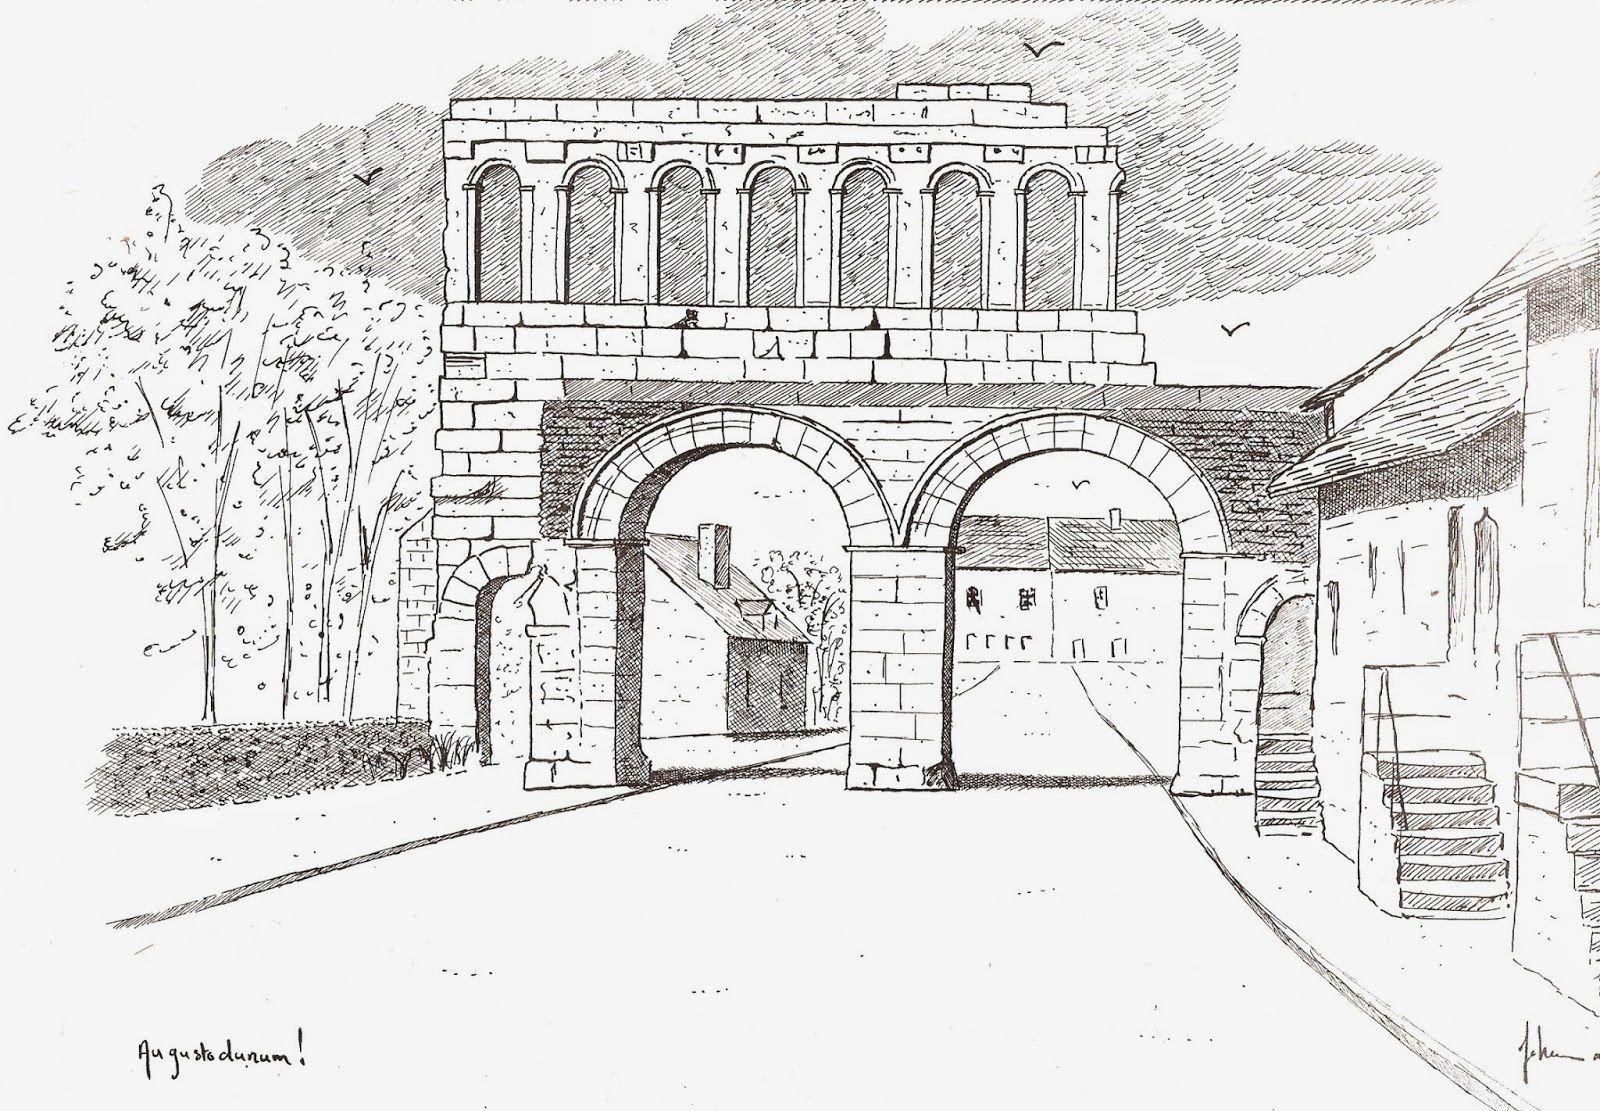 Porte d'Arroux - Rue du Faubourg d'Arroux - 71400 Autun.